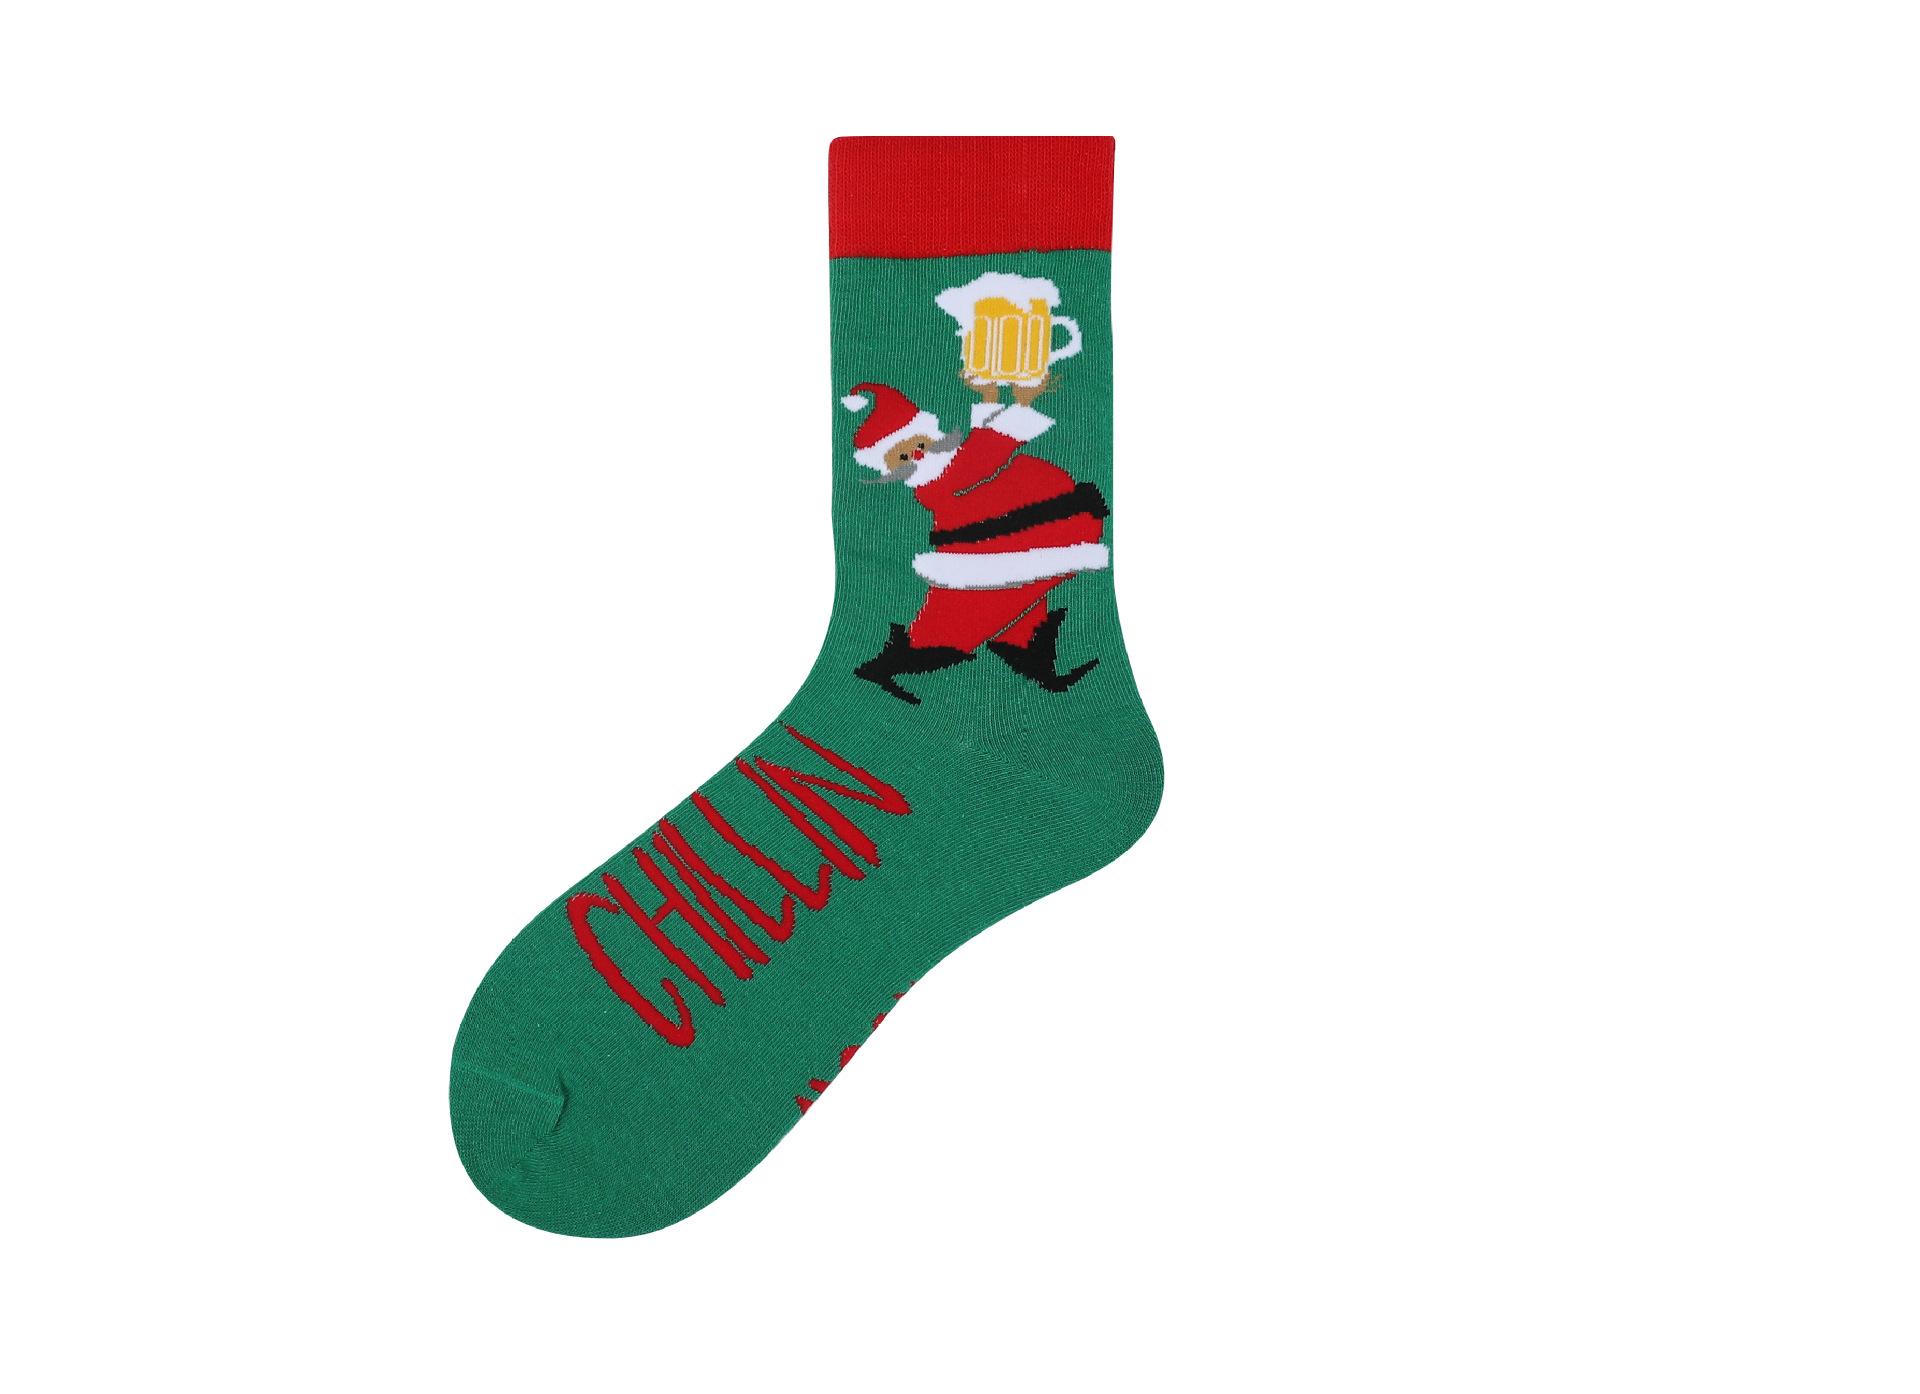 圣诞袜子中筒男成人礼品潮袜ins纯棉袜卡通袜跨境专供亚马逊定制